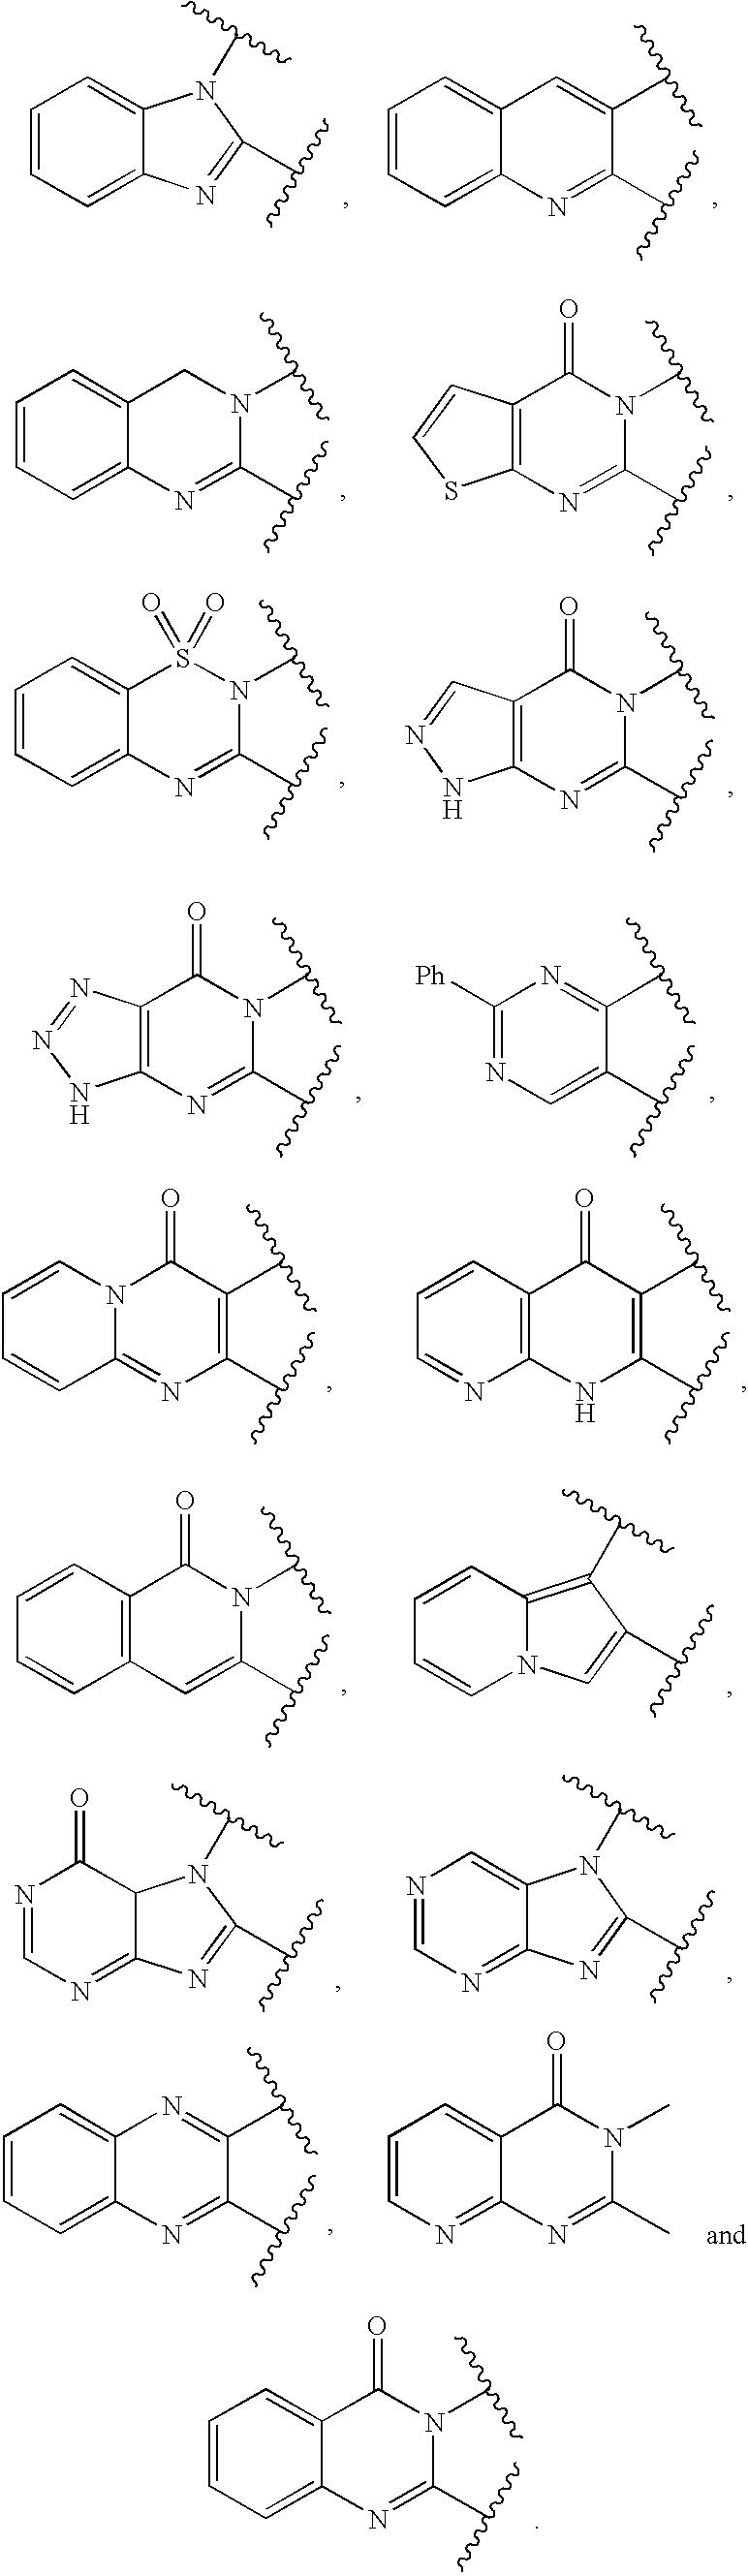 Figure US06794379-20040921-C00004